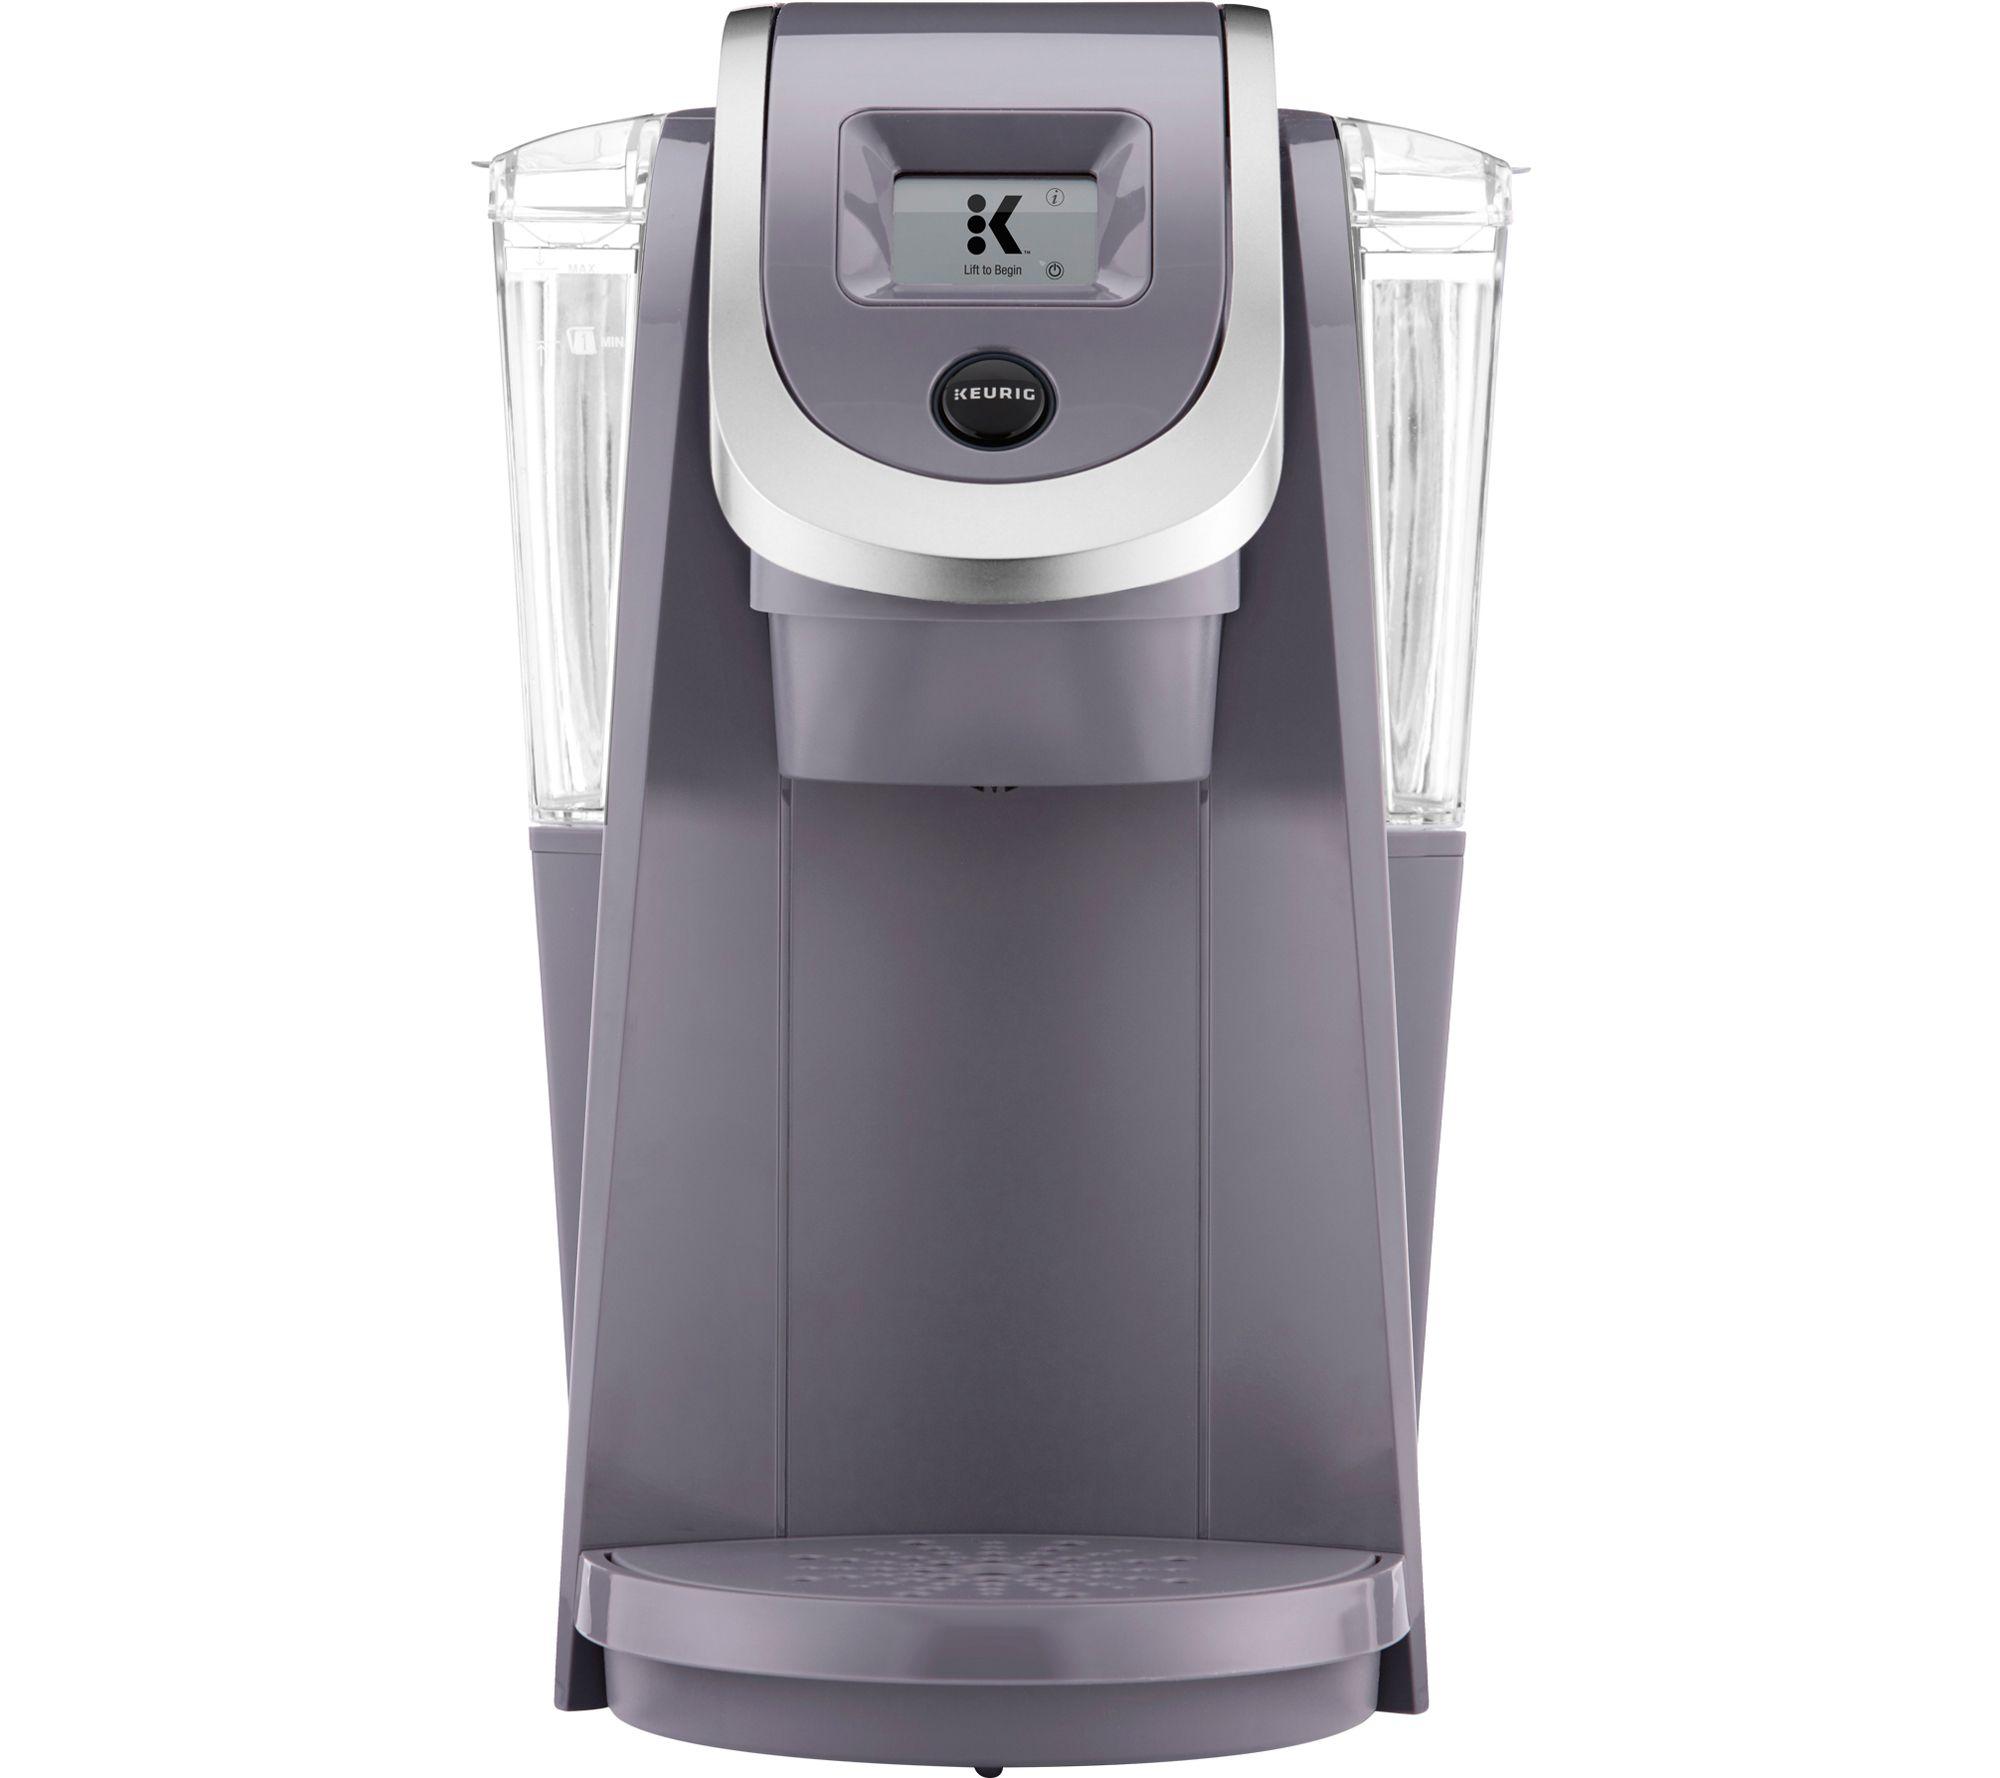 Keurig K250 Coffee Maker - Page 1 QVC.com